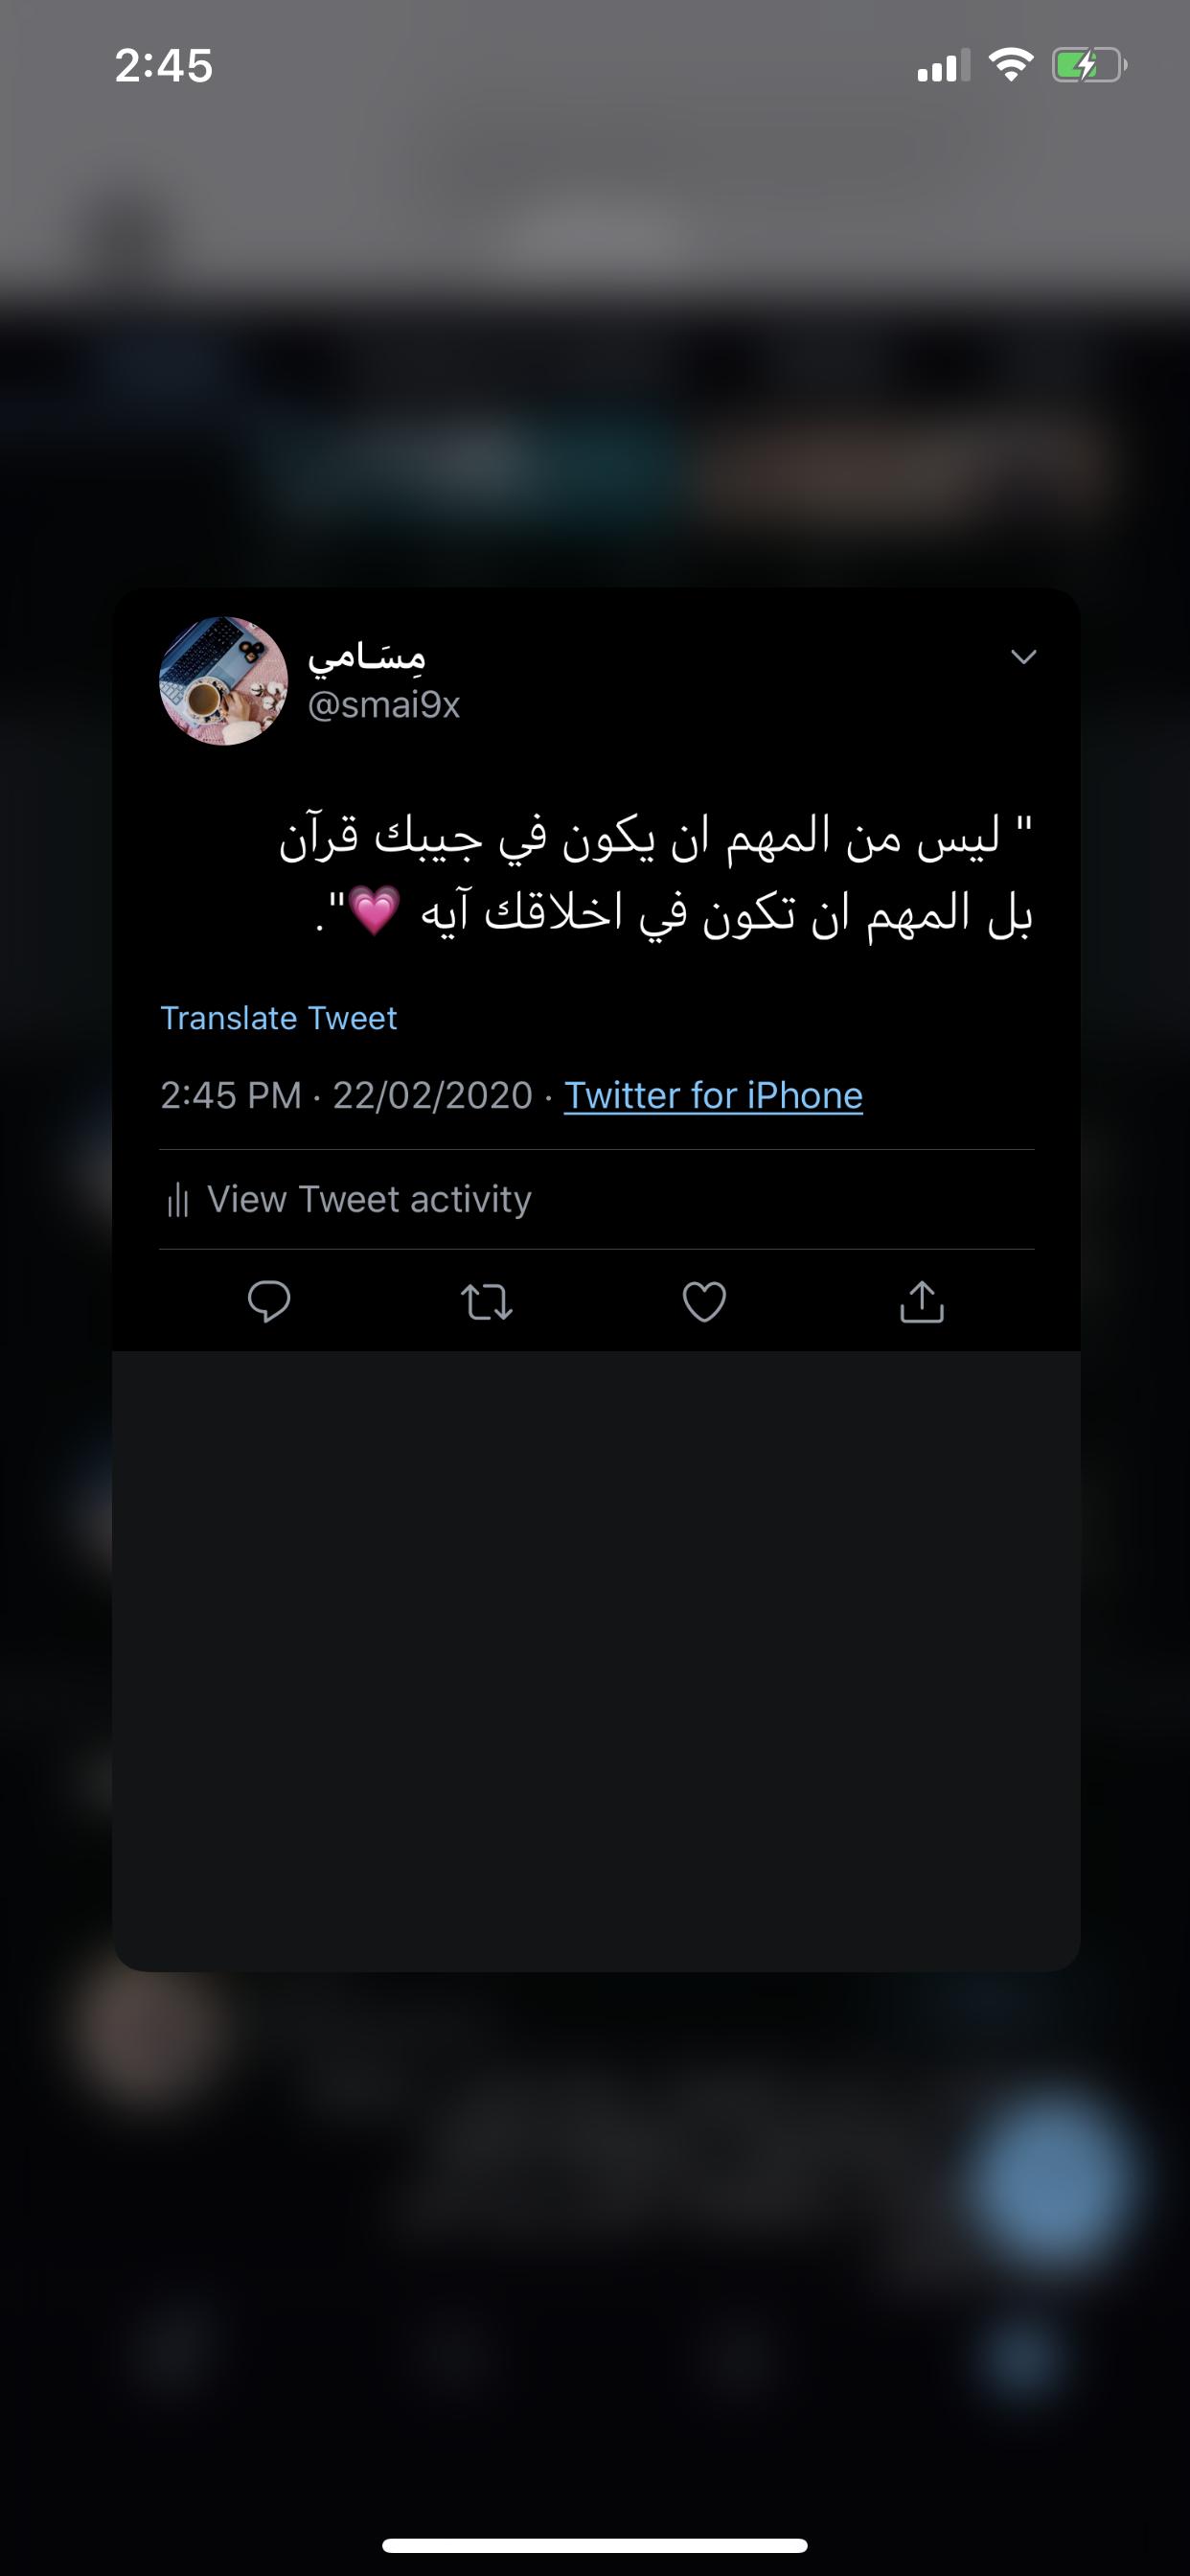 كلام حلو اوى , عبارات جميلة تويتر